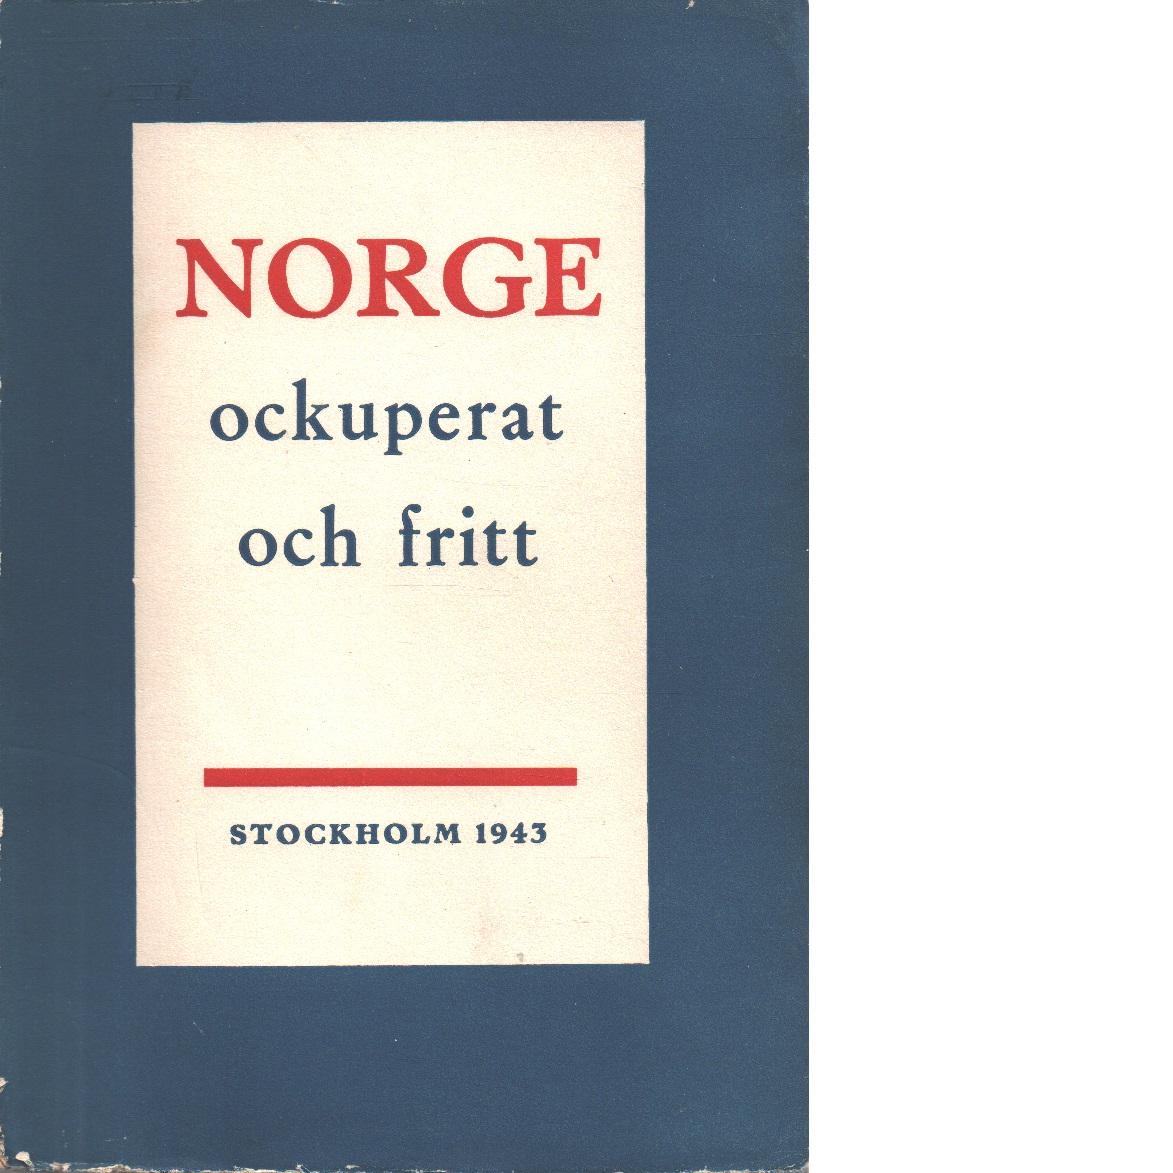 Norge ockuperat och fritt - Red. Brandt, Willy